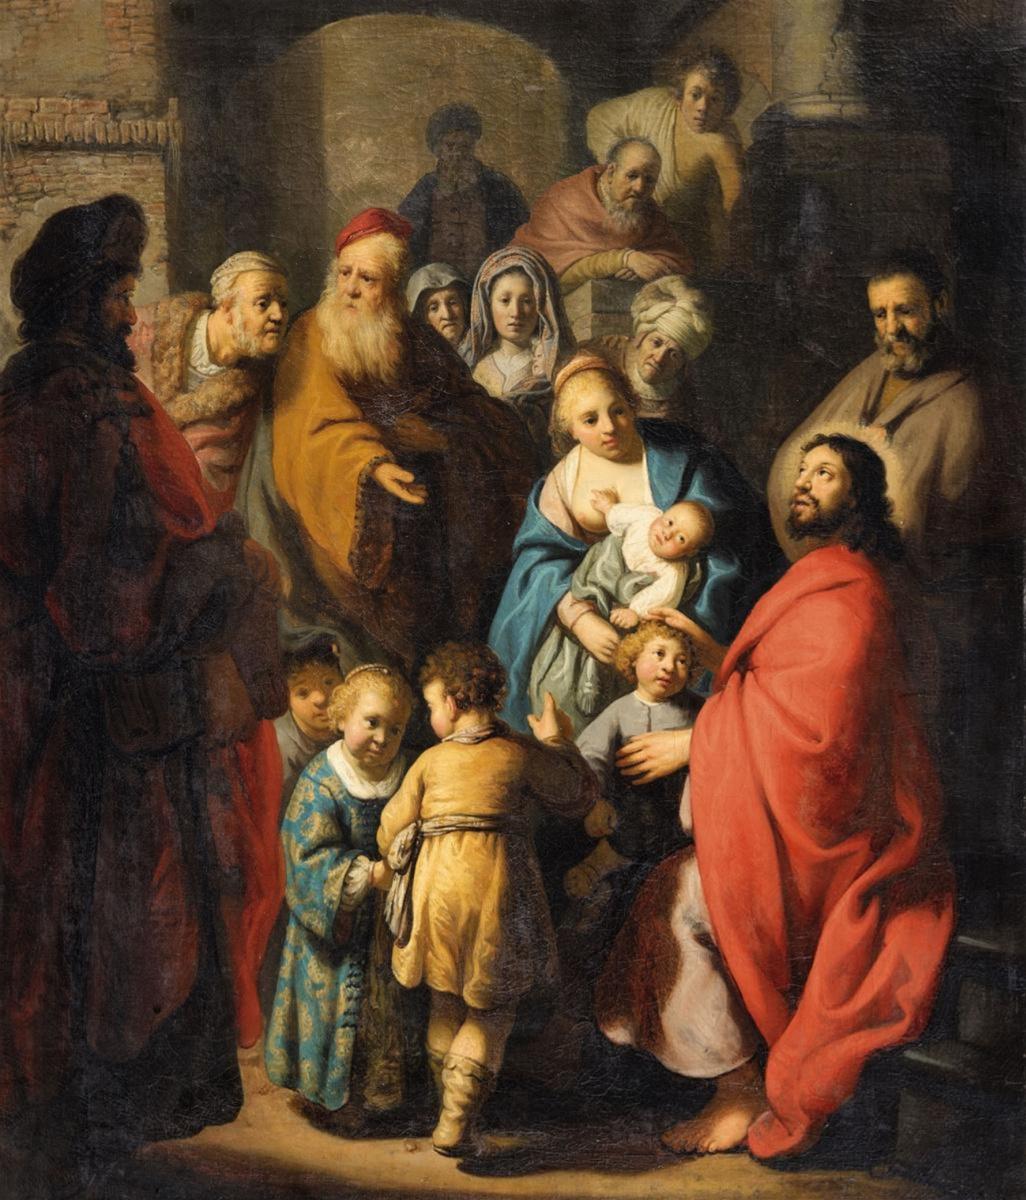 Rembrandt Harmenszoon van Rijn. Let the Little Children Come to Me